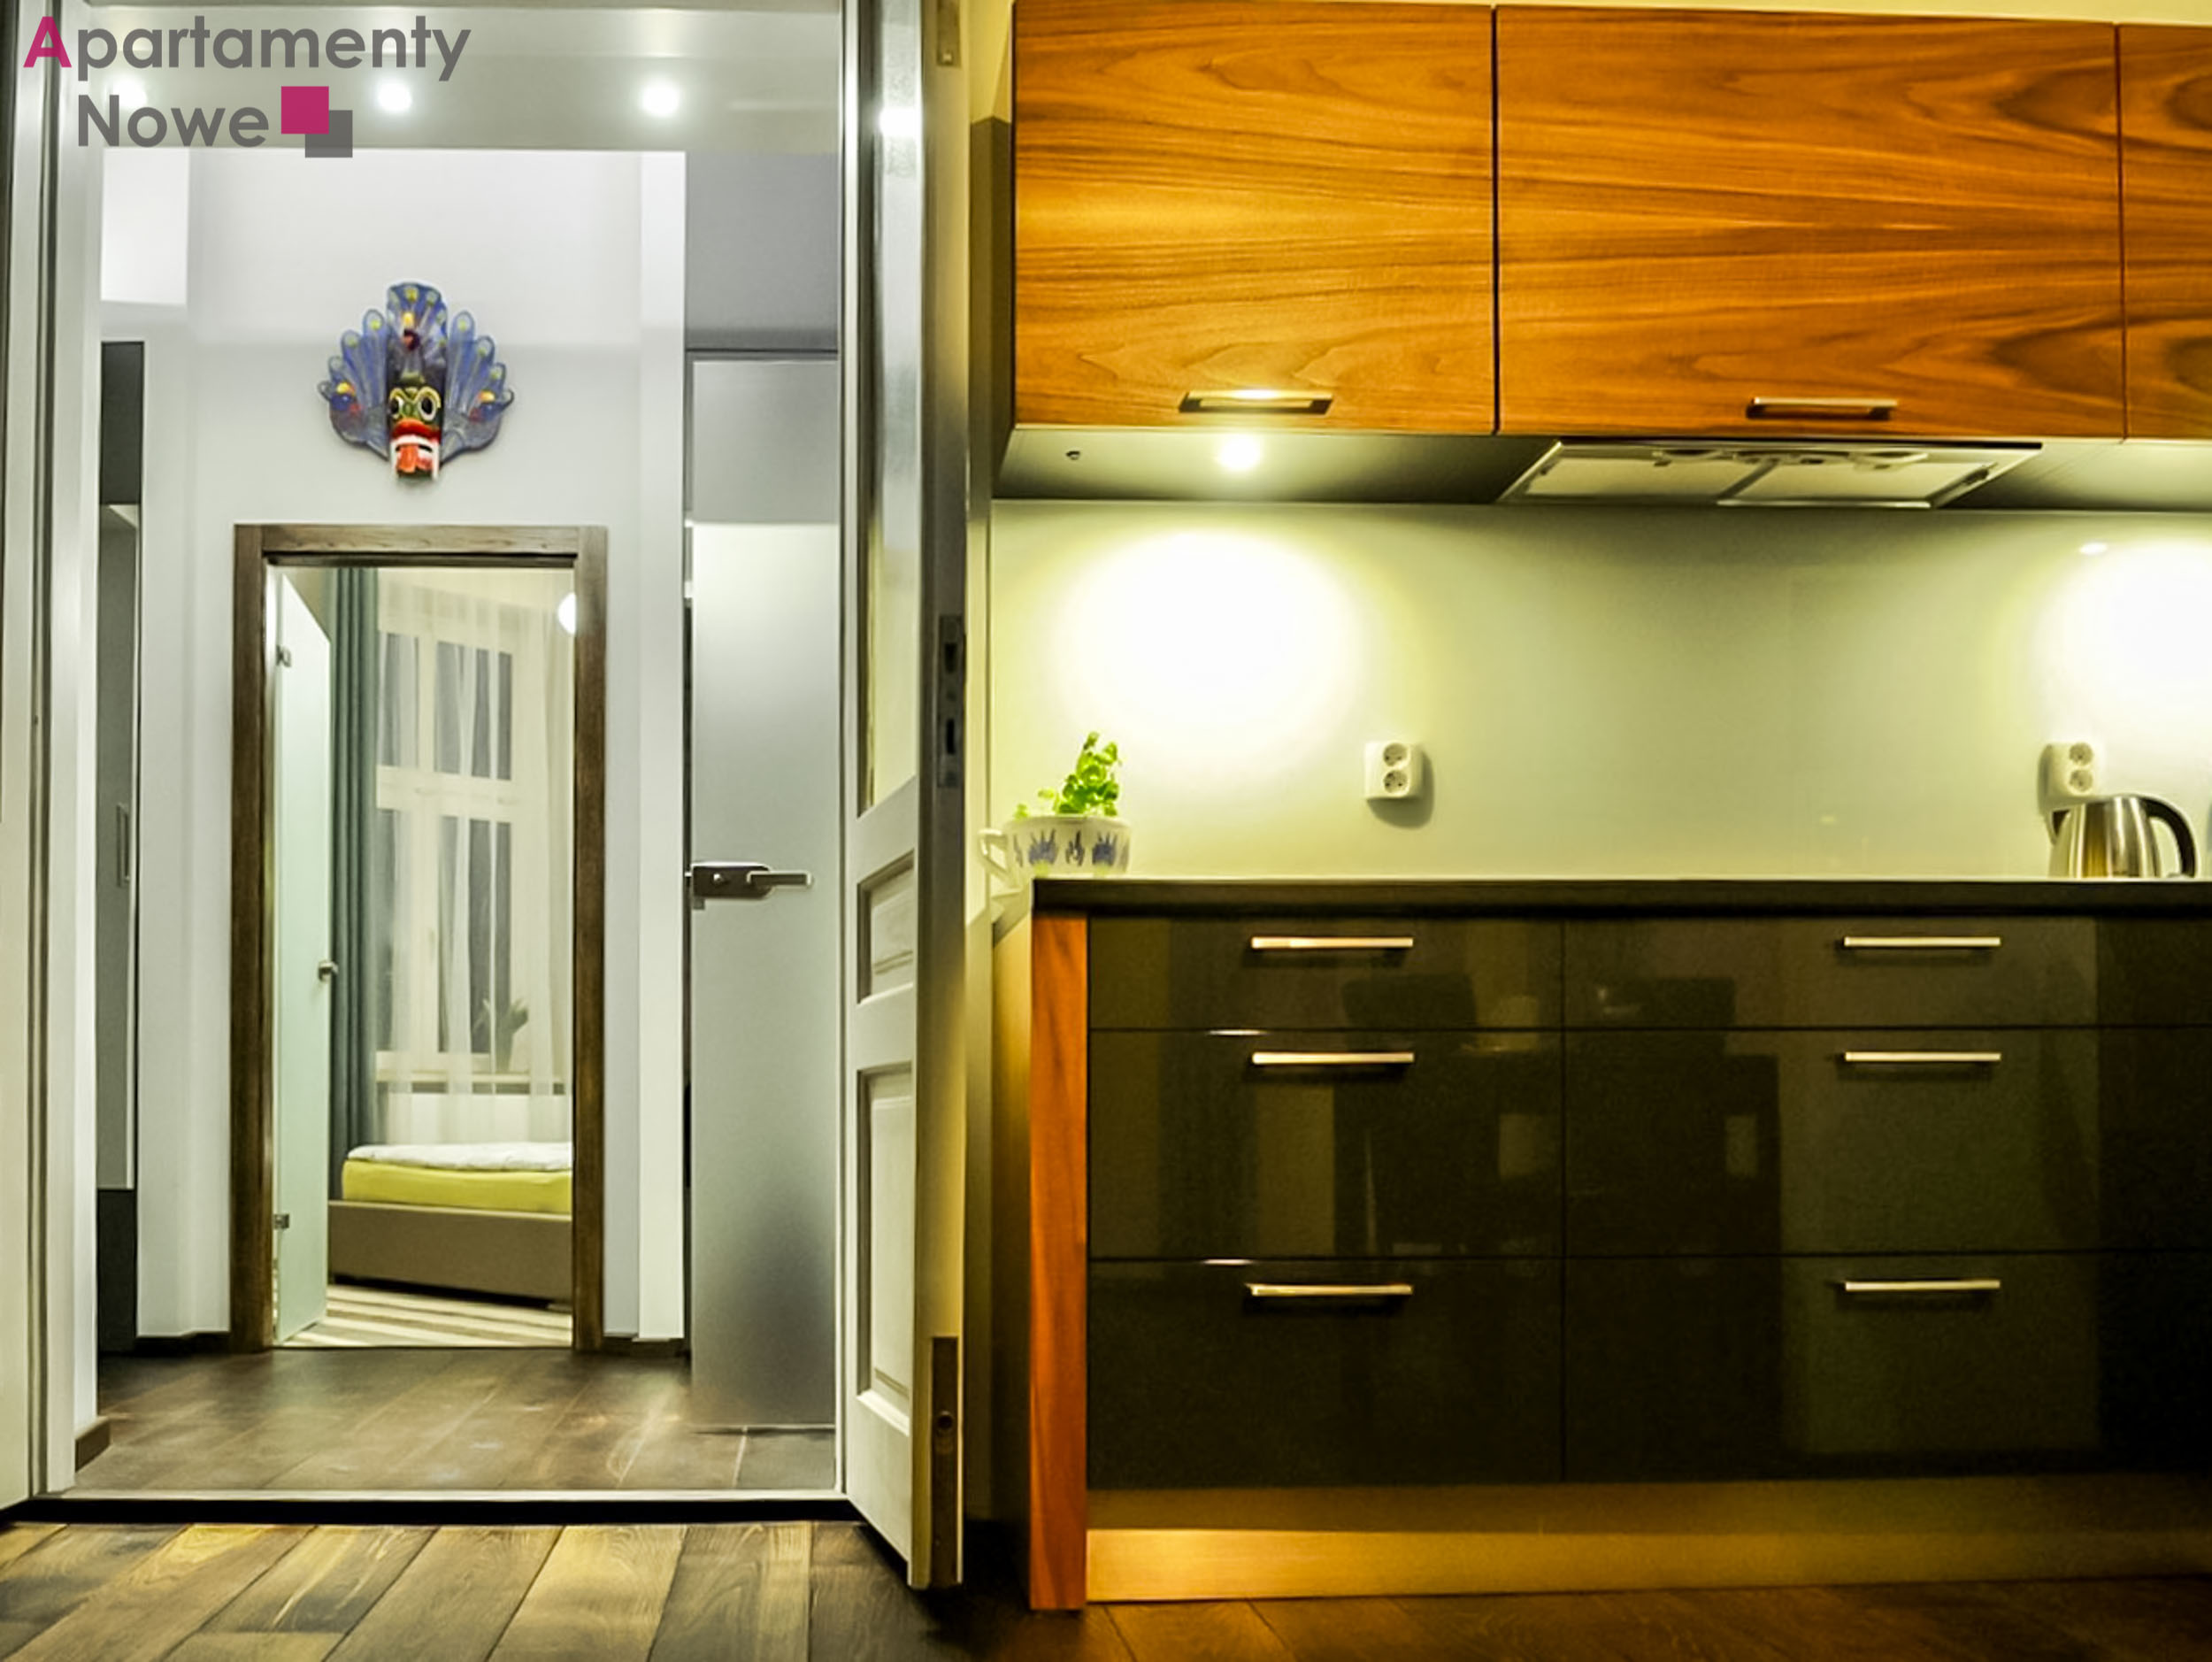 -5-zwierzyniecka5-apatramenty-nowe-mieszkanie-rental-buy ...